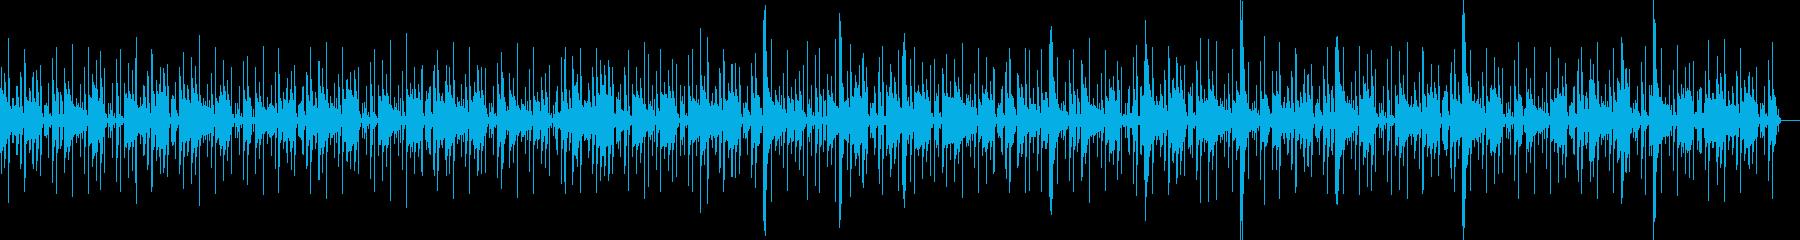 怪しさ滲むエスニックBGMの再生済みの波形